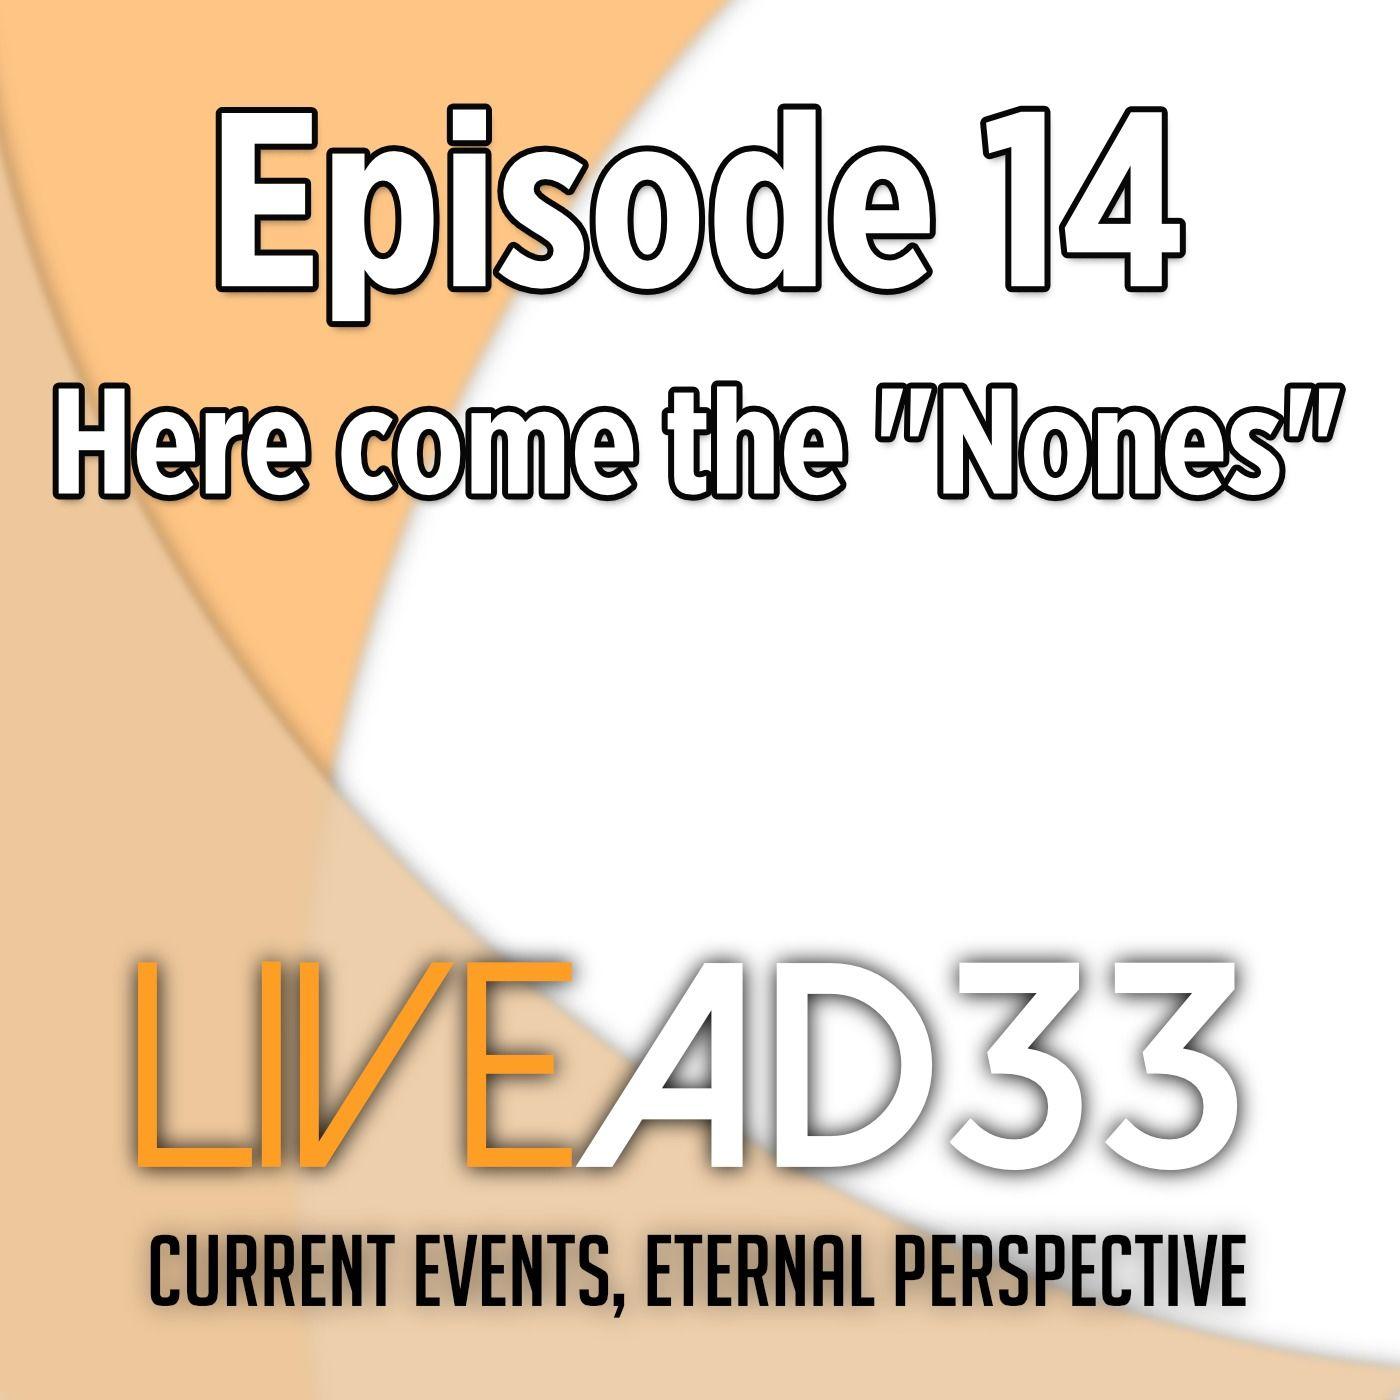 """Here come the """"Nones"""""""